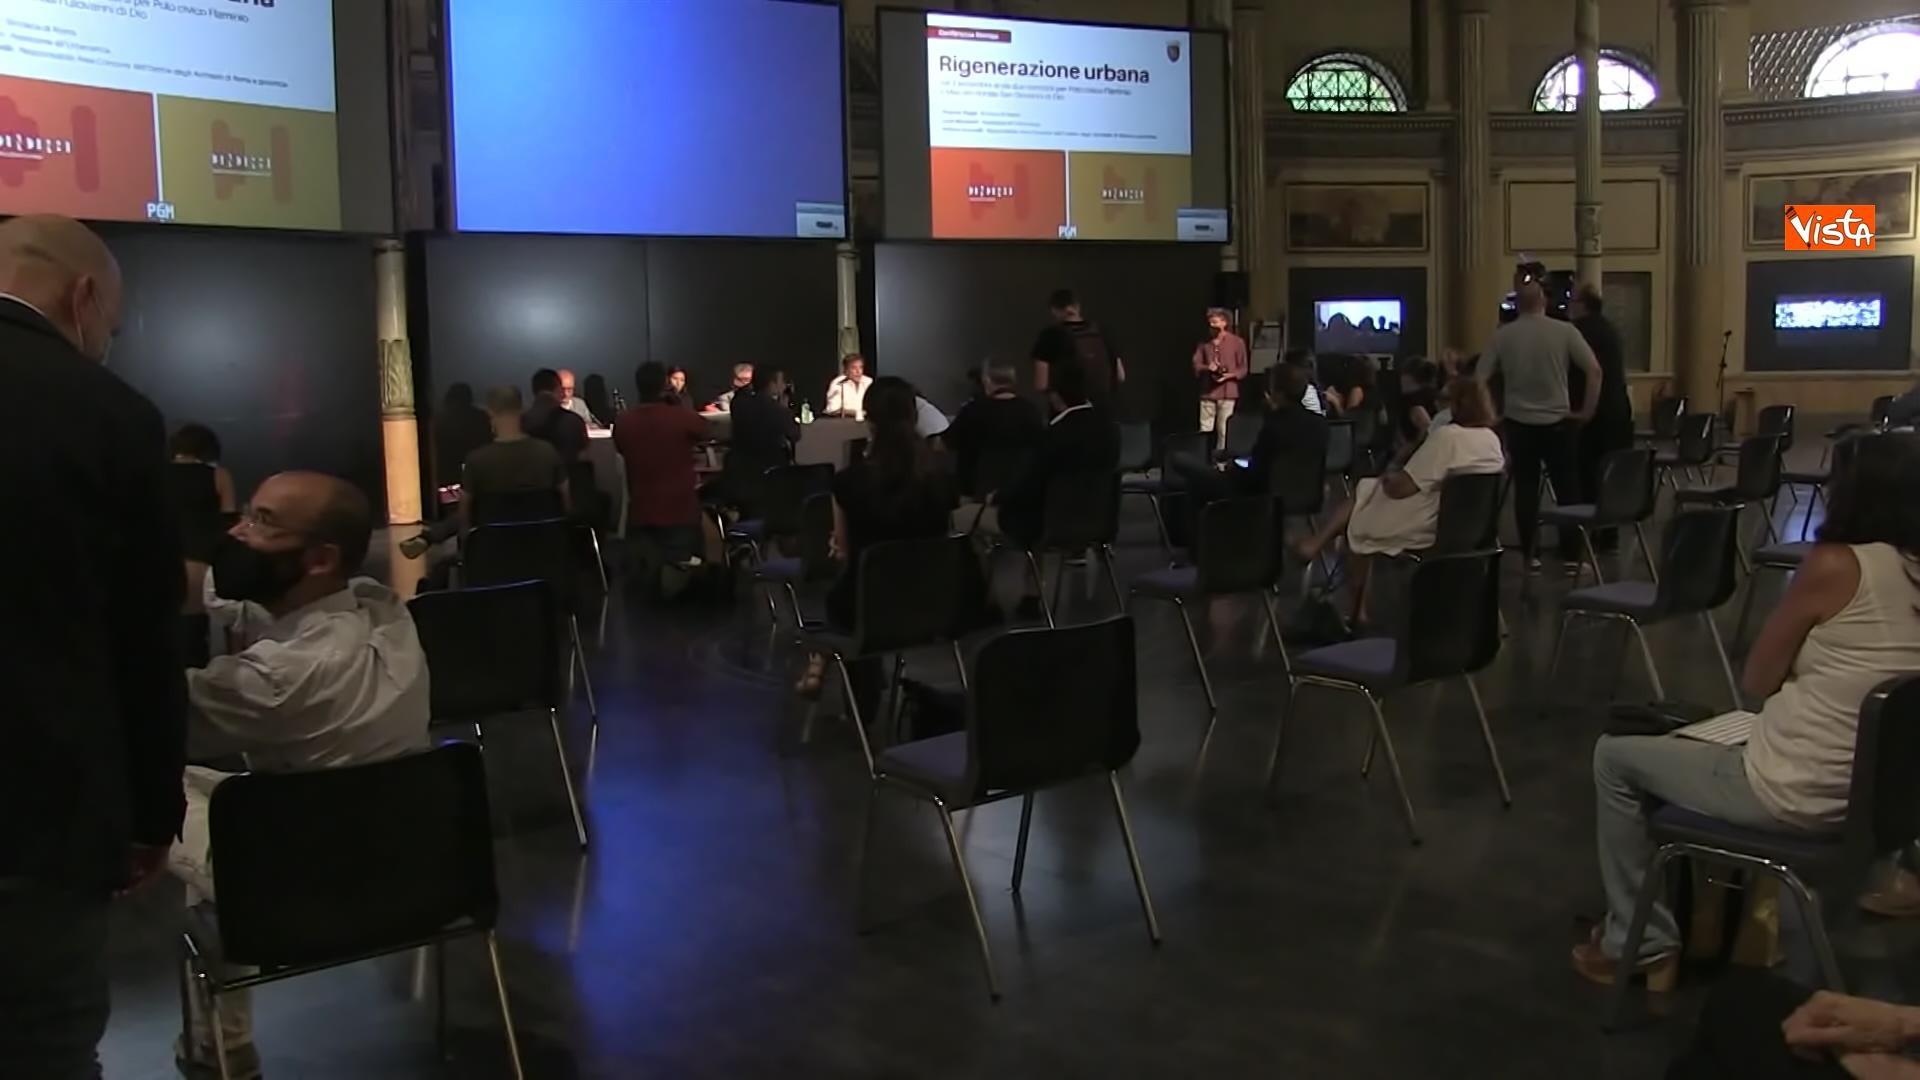 27-08-20 Al via concorsi per rigenerazione urbana a Roma, la presentazione con la Raggi_06